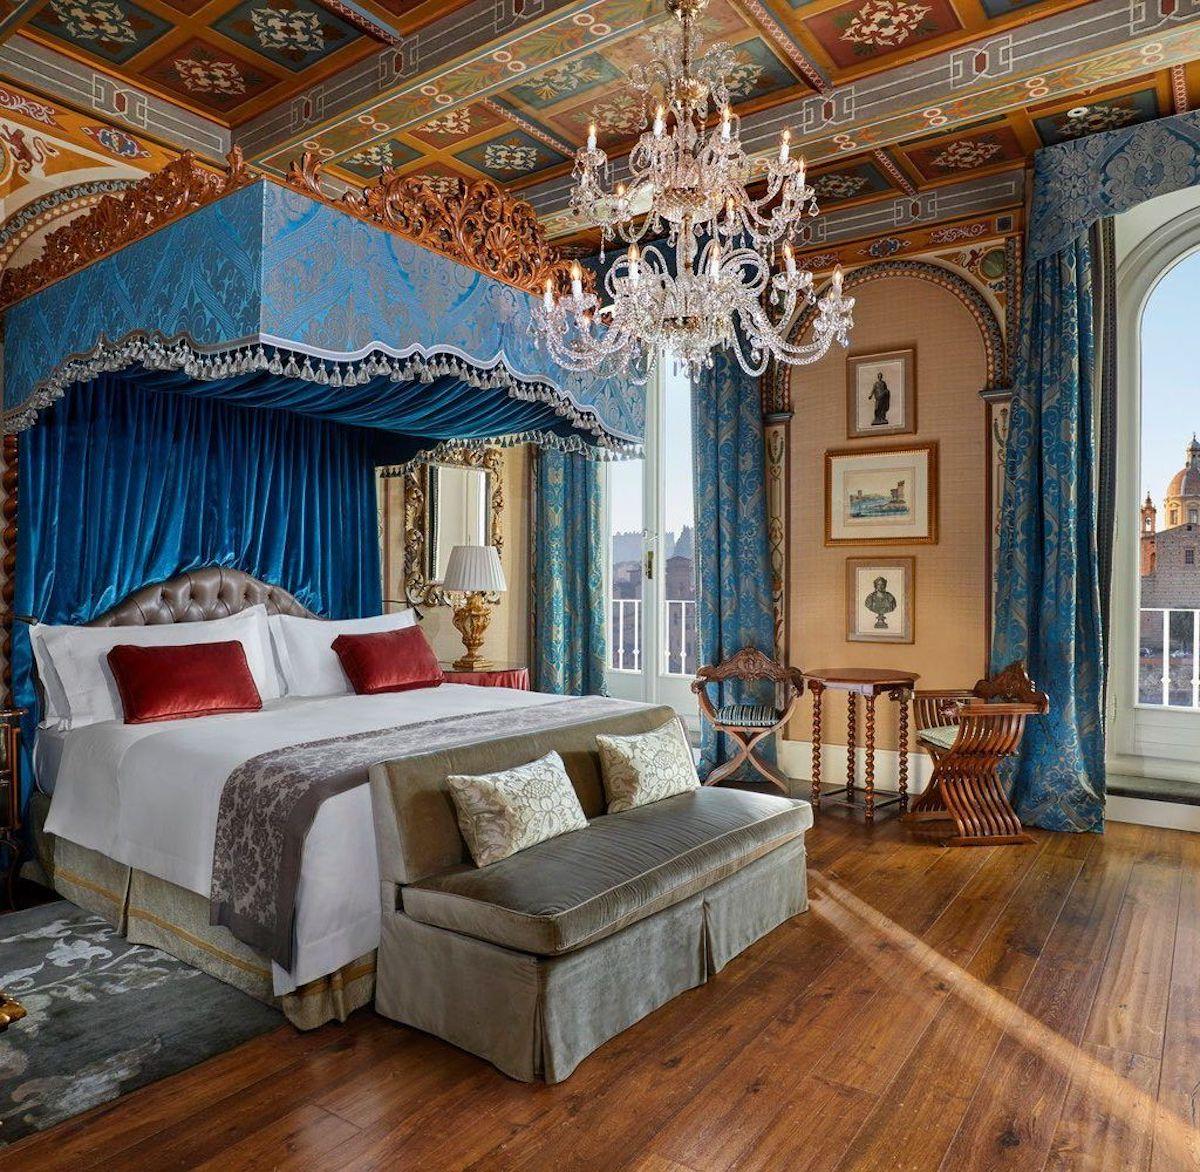 florentine-style-bedroom-9